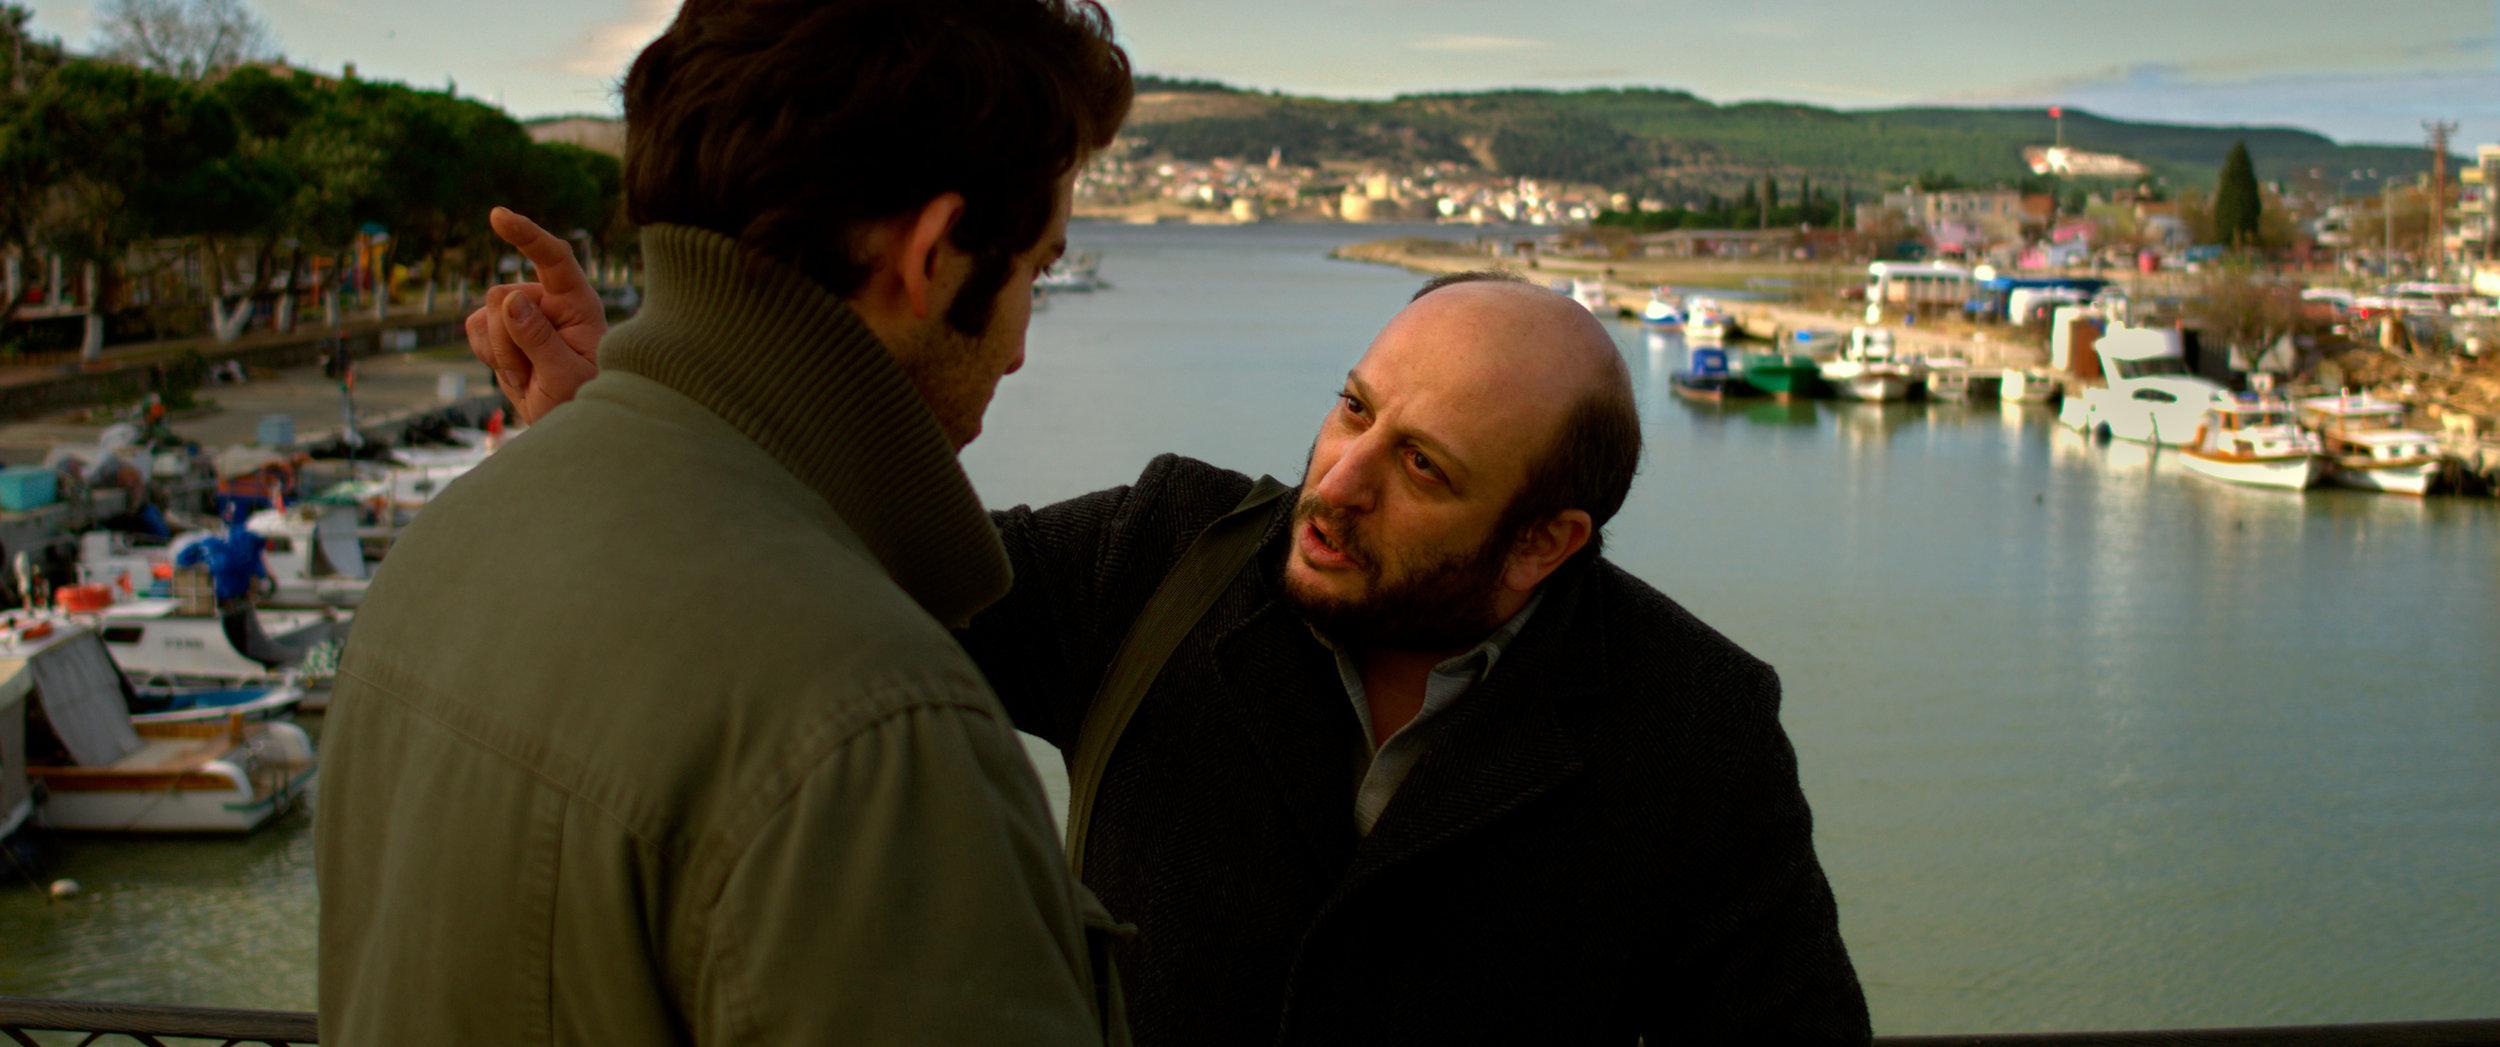 Byens berømte forfatter Suleyman (Serkan Keskin, til høyre) skjeller til slutt ut Sinan som håper å få gitt ut en bok.